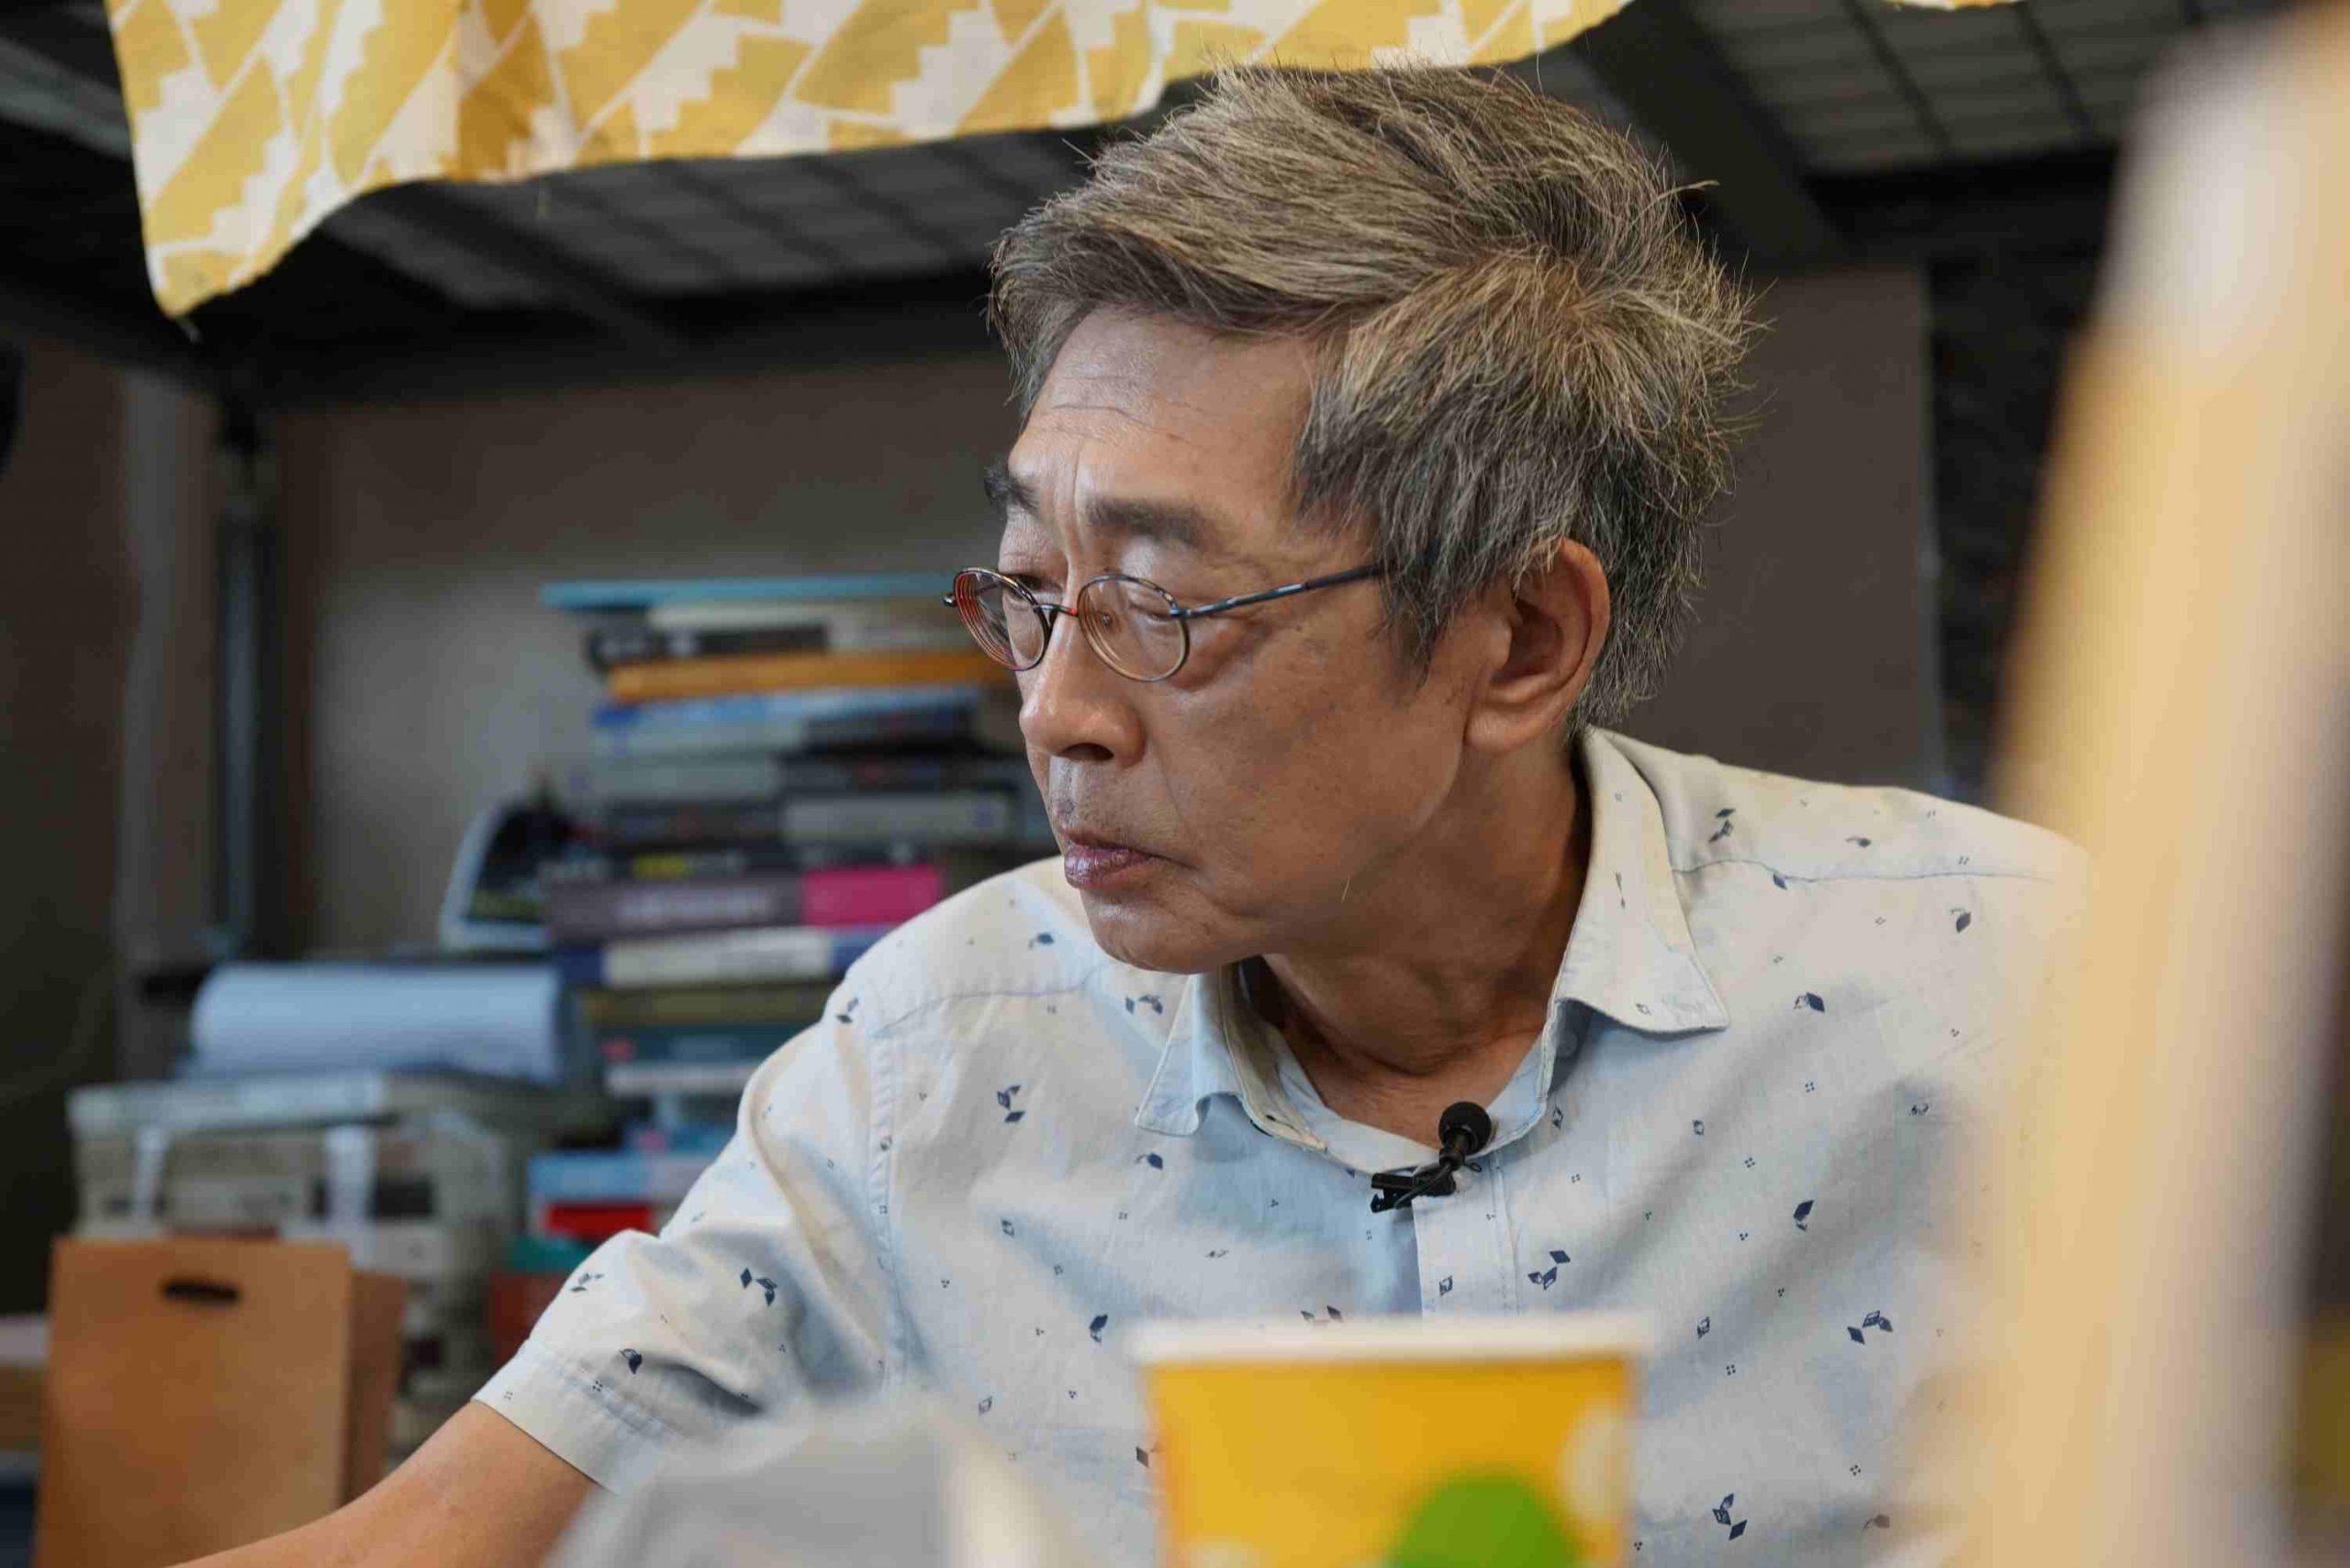 臺北鬧區重啟銅鑼灣書店 林榮基疾呼臺灣堅守民主自由